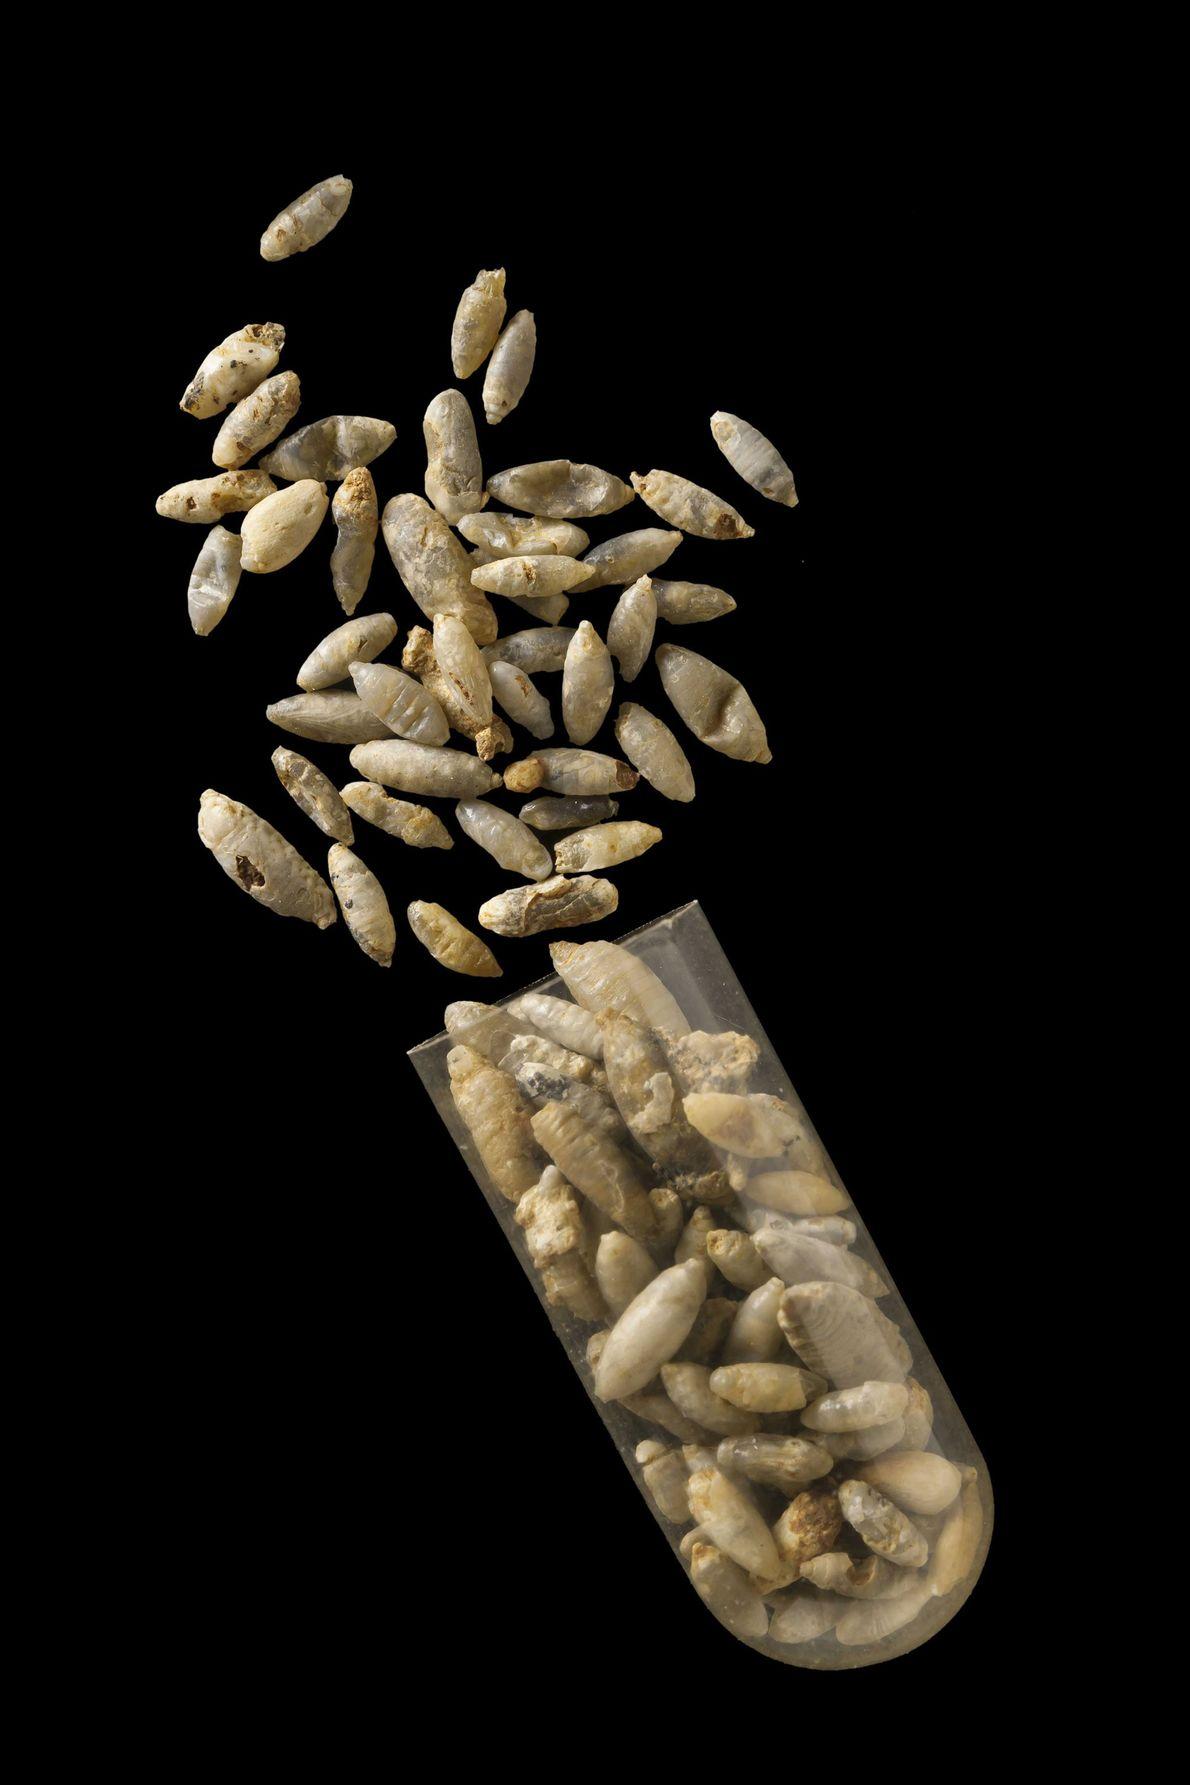 Forscher scannten mehr als 1.500 Fliegenpuppen. In 55 davon hatten sich vor etwa 35 Millionen Jahren ...